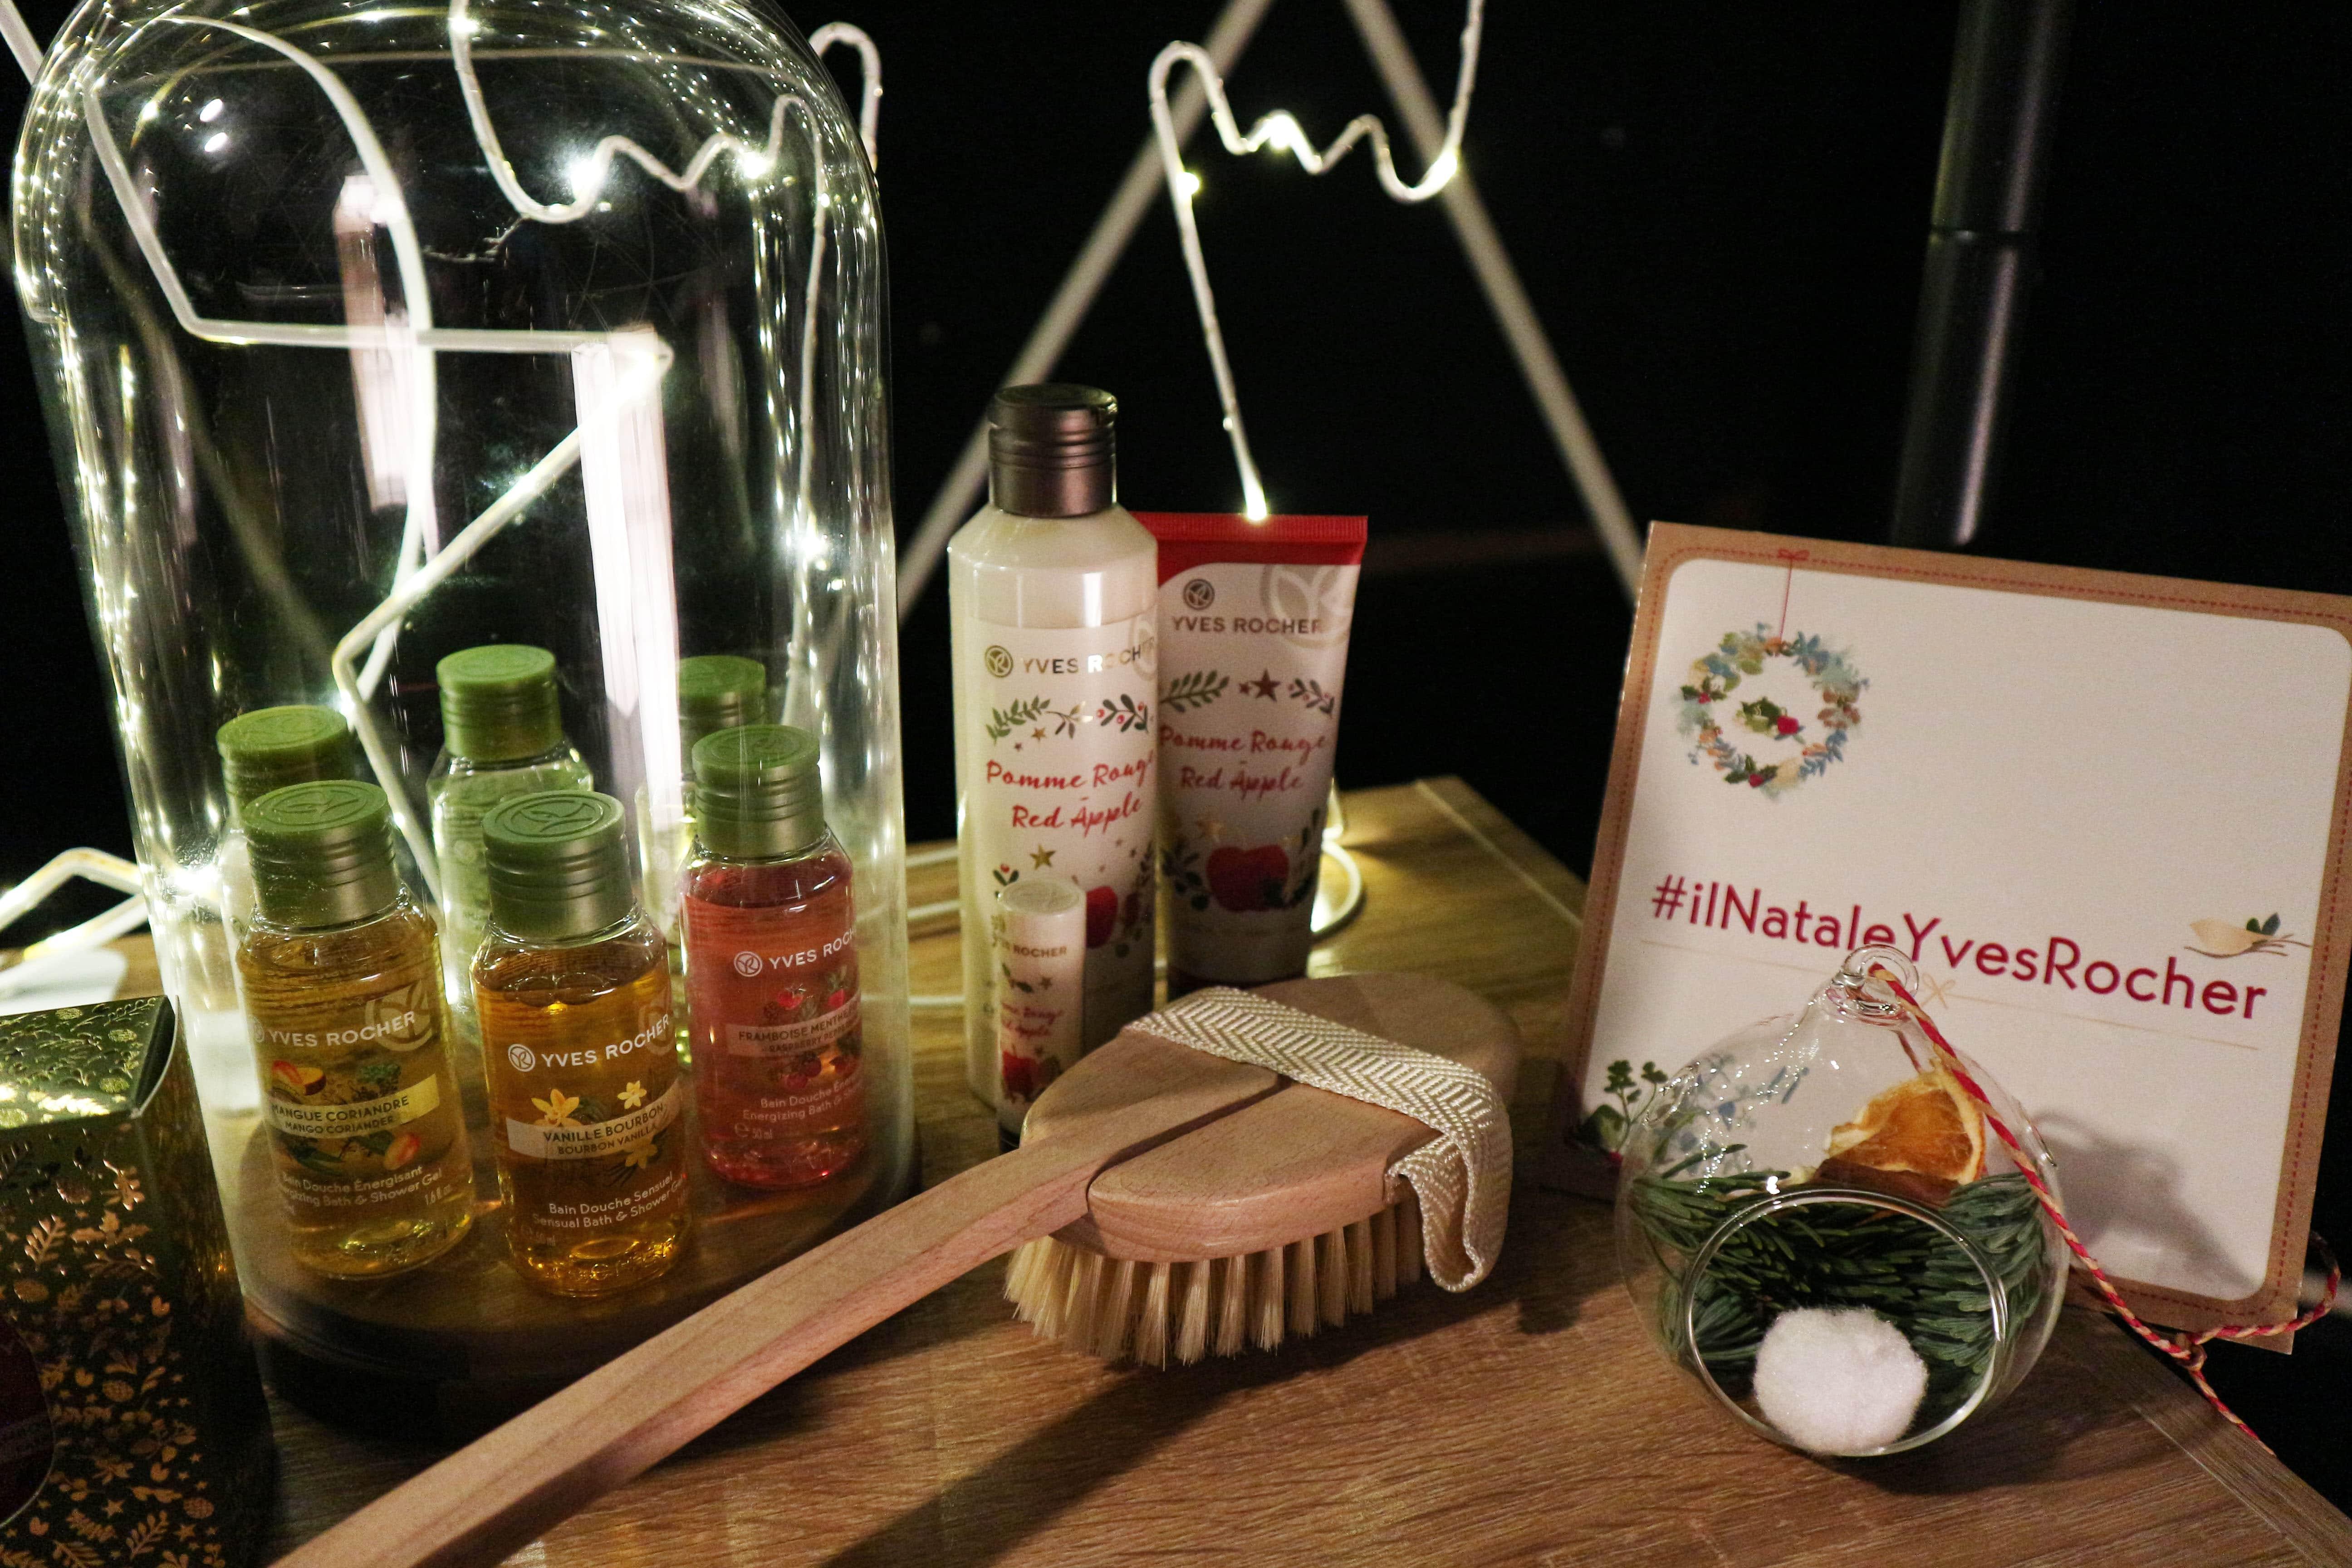 Il Natale Yves Rocher - Idee regalo, cofanetti, info, review, recensione, prezzo, cestini - Evento 8